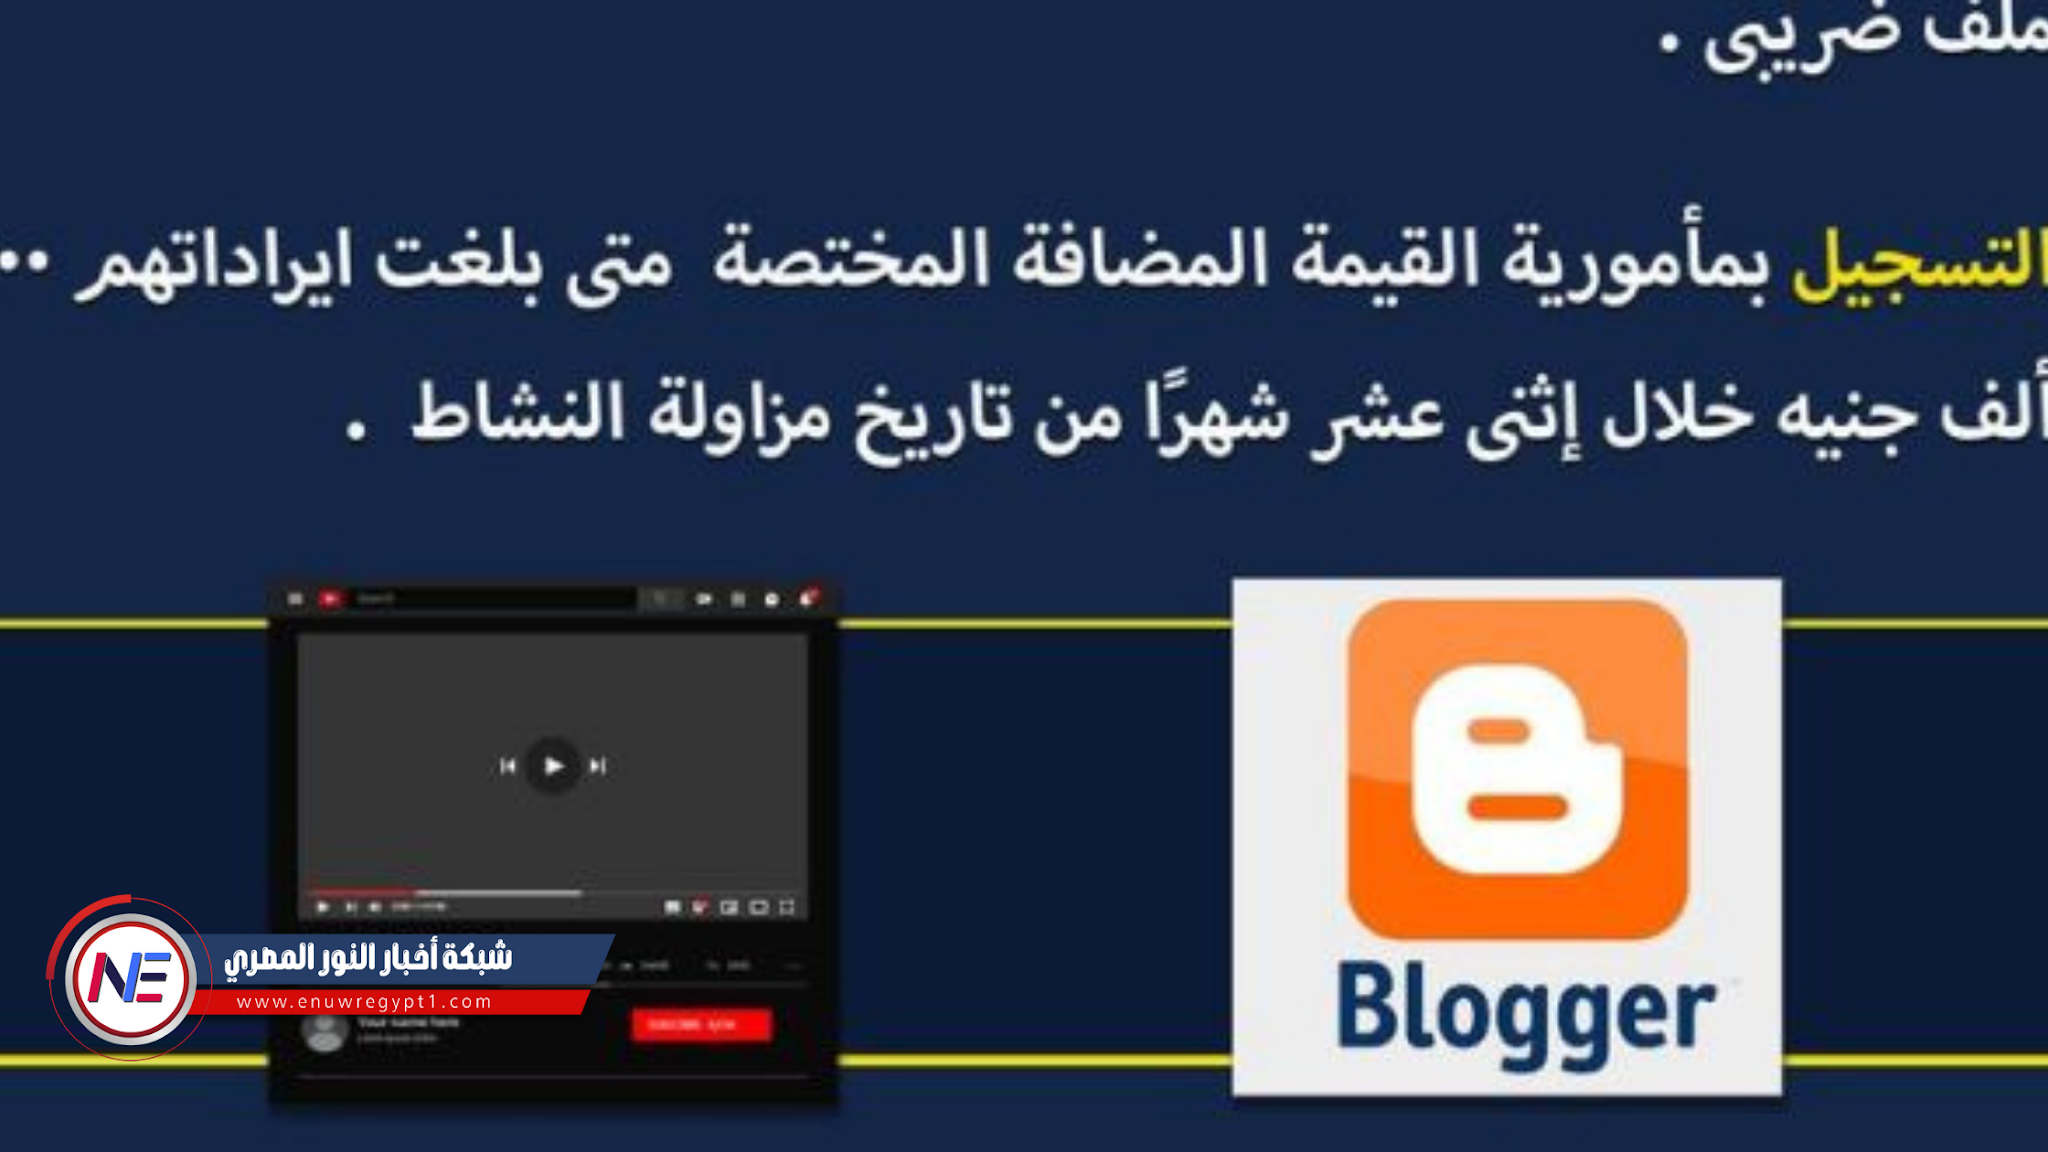 بعد فرض  الضرائب على  اليوتيوبرز والبلوجرز تعرف على قيمة ضرائب اليوتيوبرز والبلوجرز في مصر .